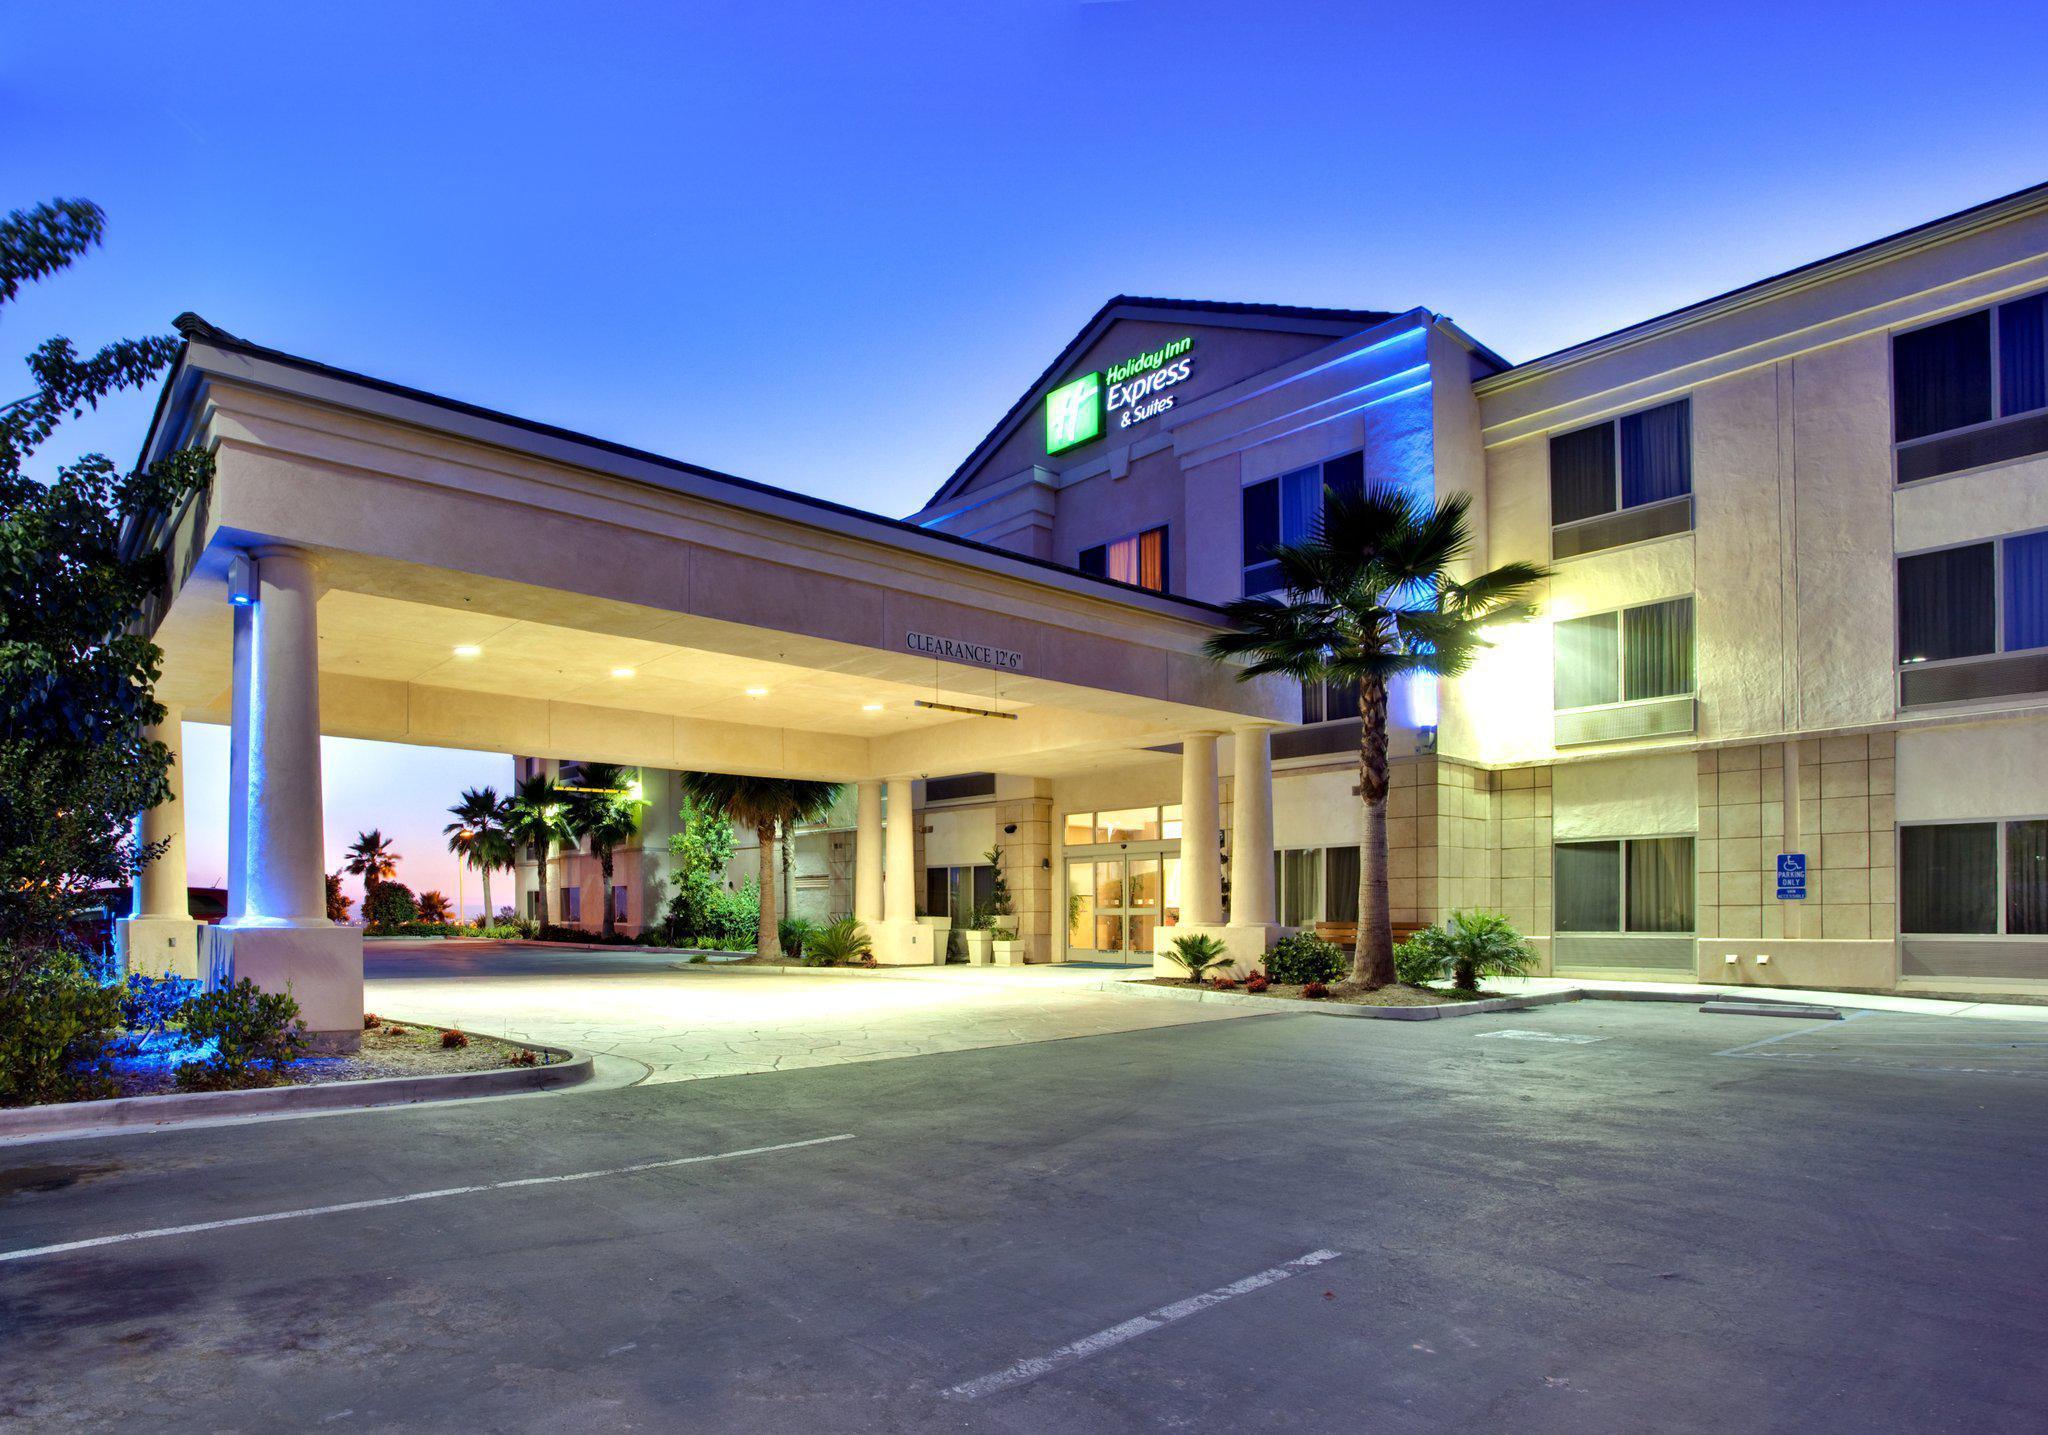 聖地牙哥奧塔伊梅薩山智選假日飯店